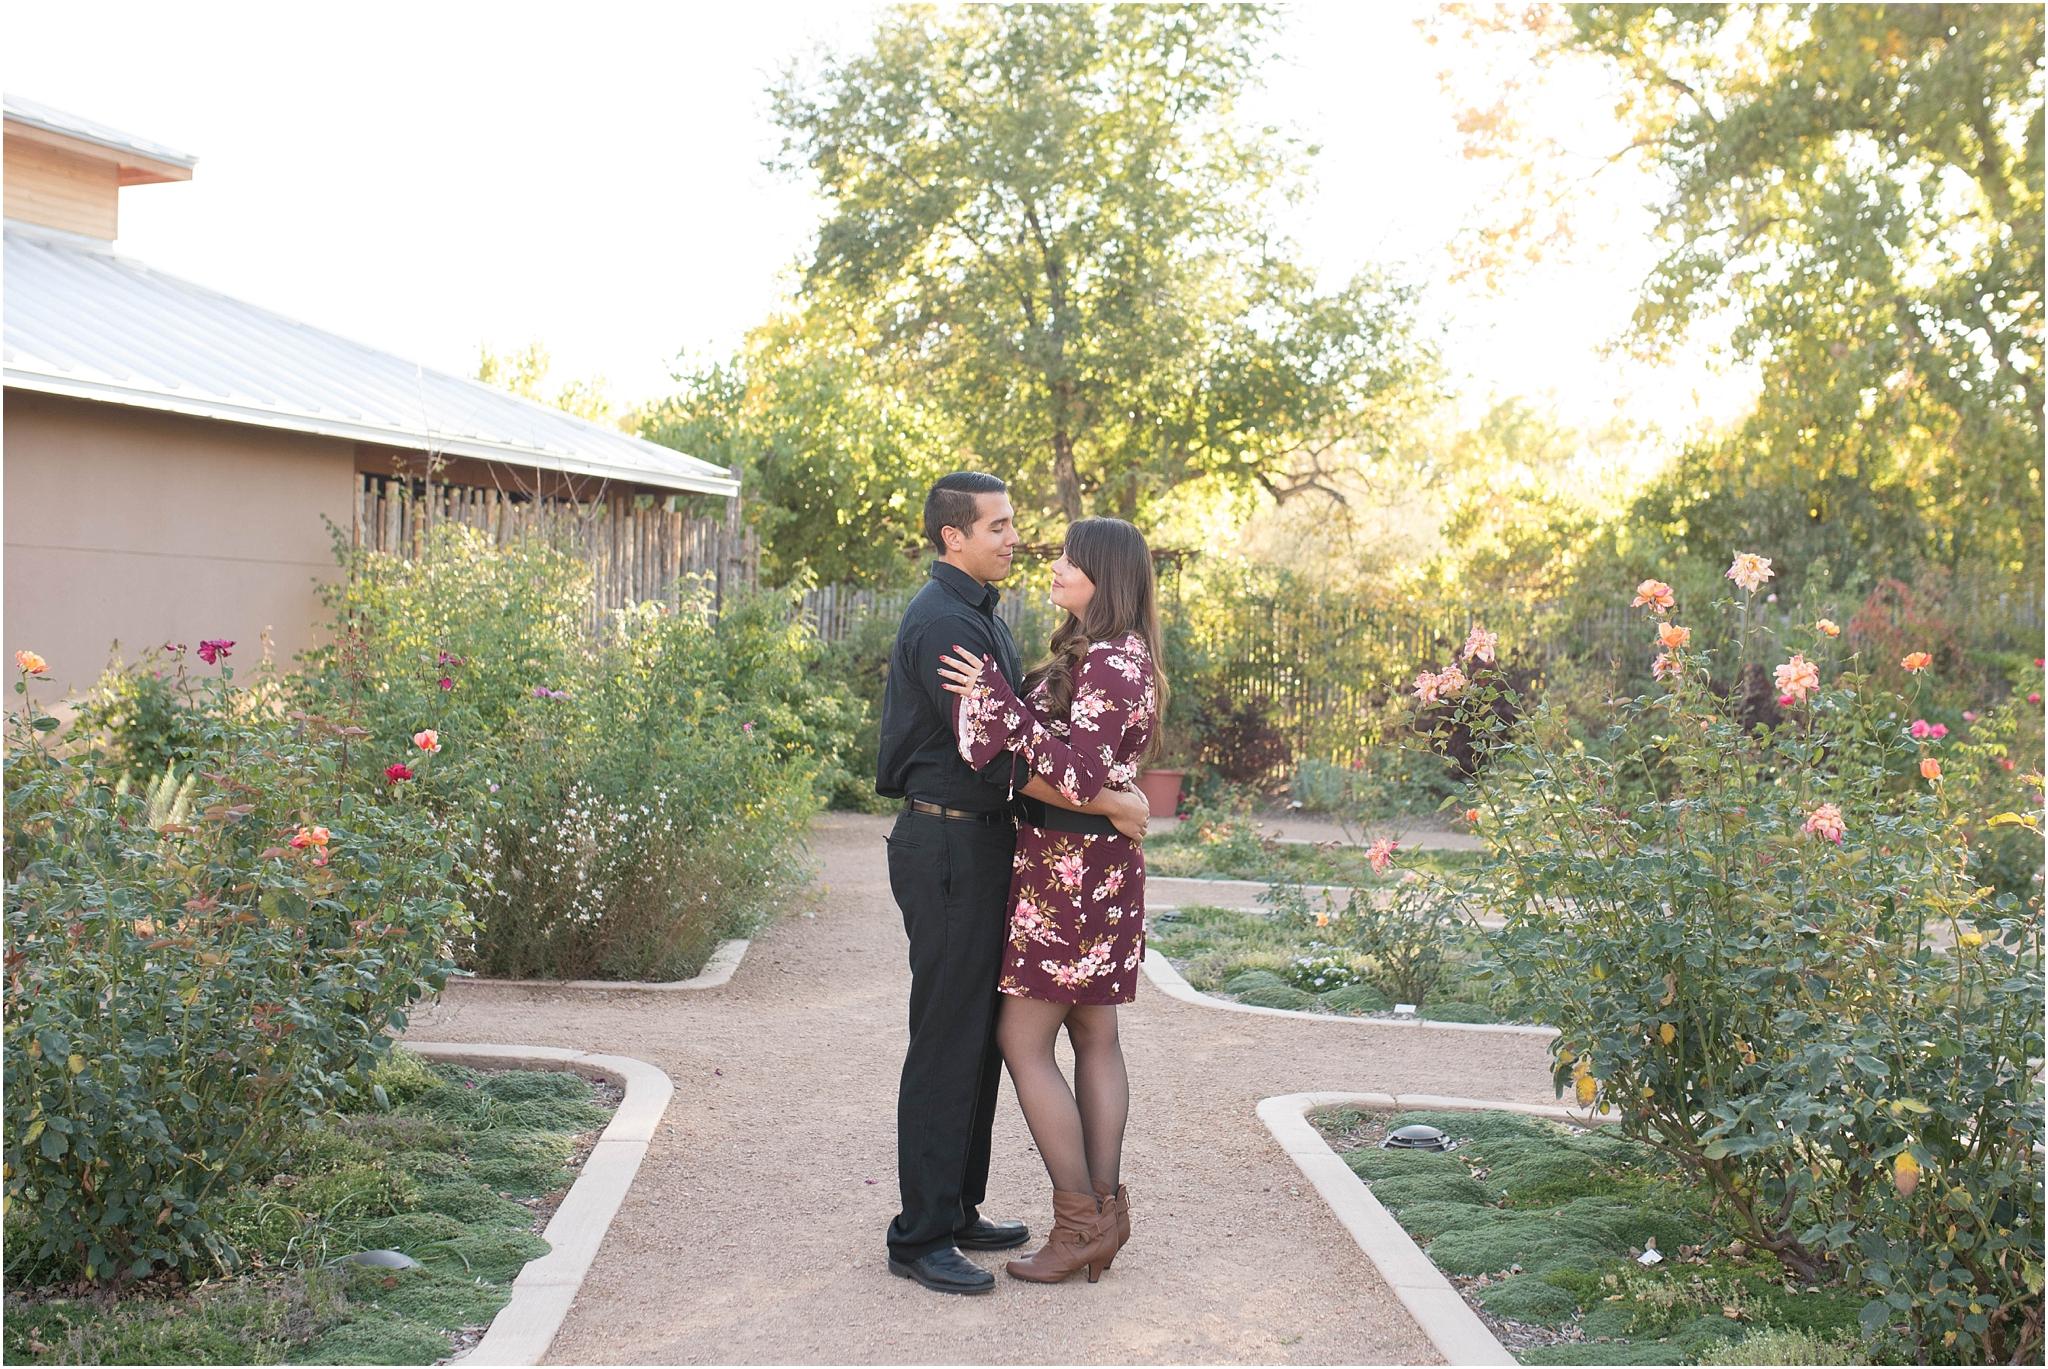 kayla kitts photography - new mexico wedding photographer - albuquerque botanic gardens - hotel albuquerque_0061.jpg